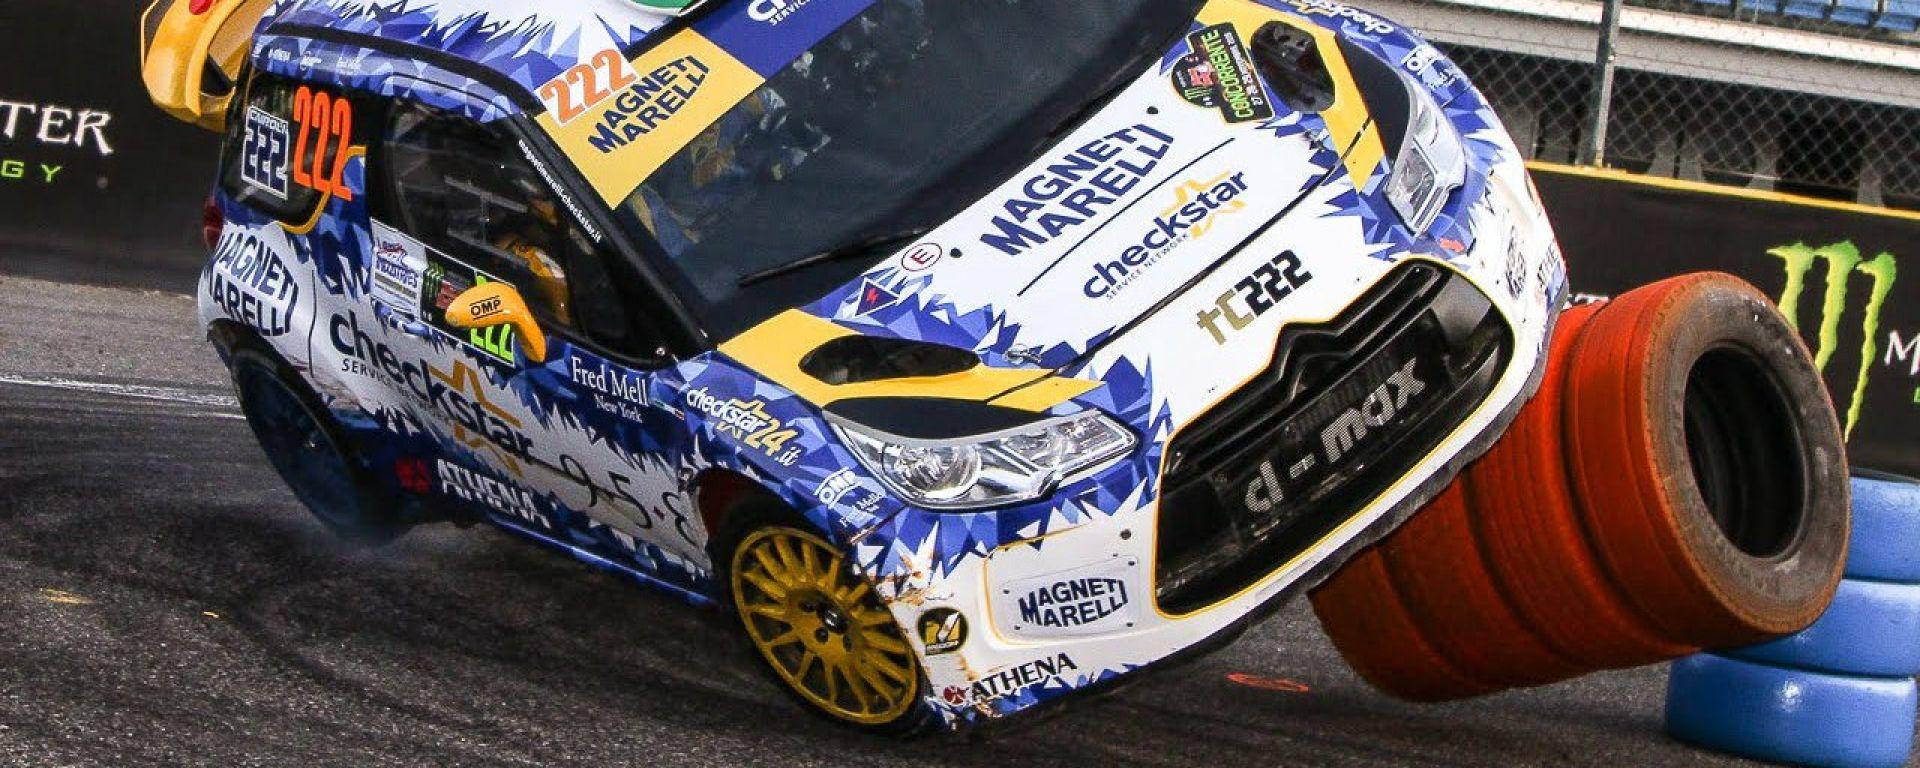 Rally Monza Show 2018: tutto quello che devi sapere